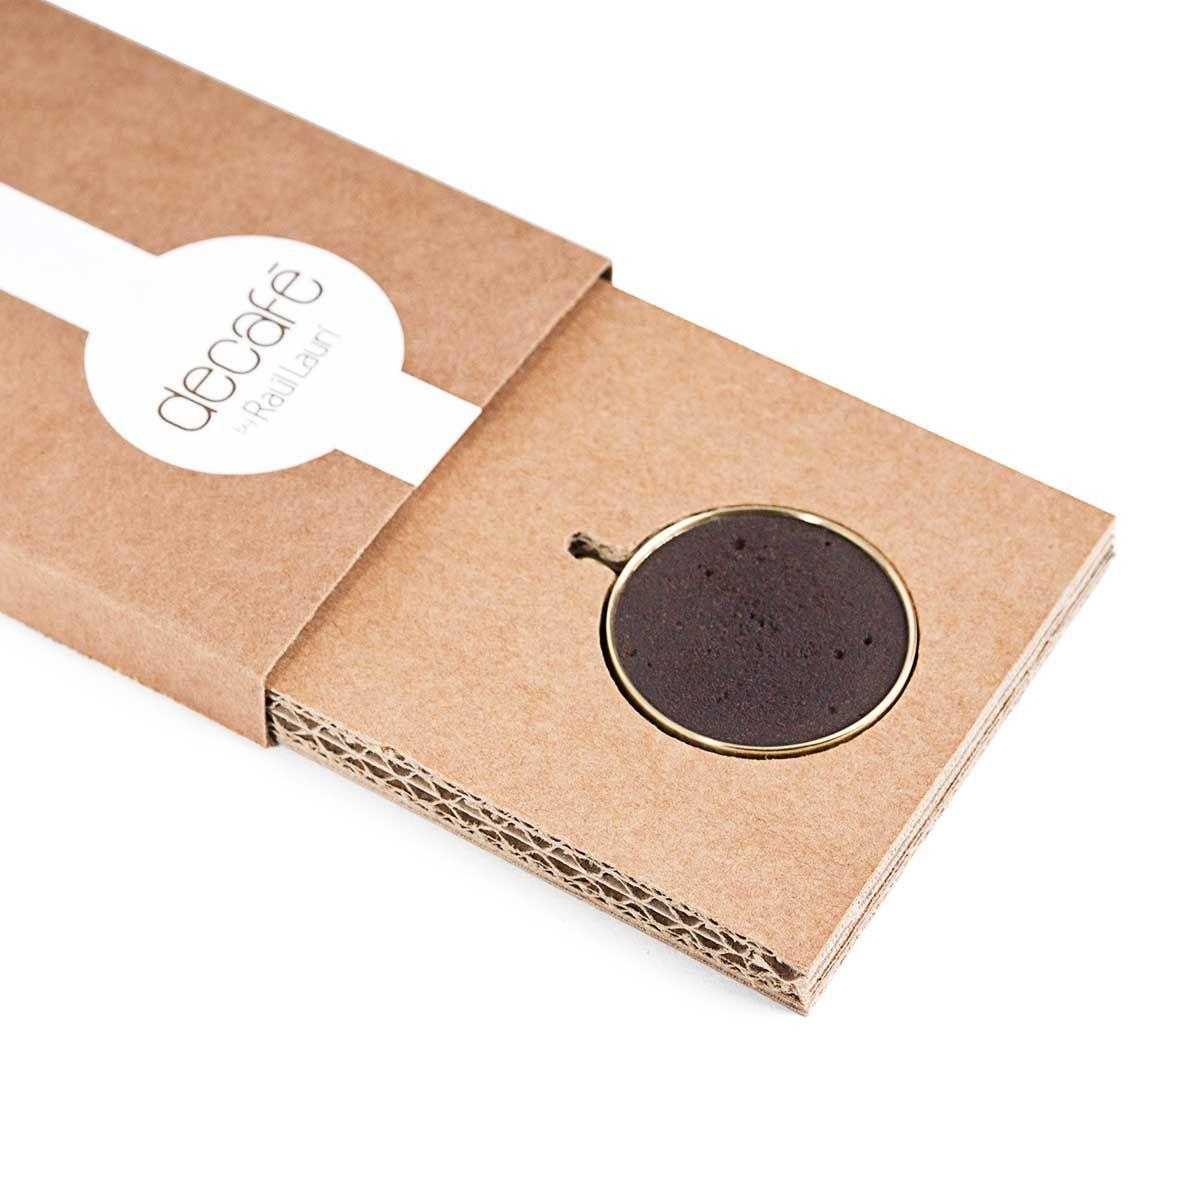 Descubra el collar decafé. Una elegante combinación de café mas latón inspirada en el borde de una taza de café.  ¡¡Deseamos que disfrute de la experiencia única de decafé !!